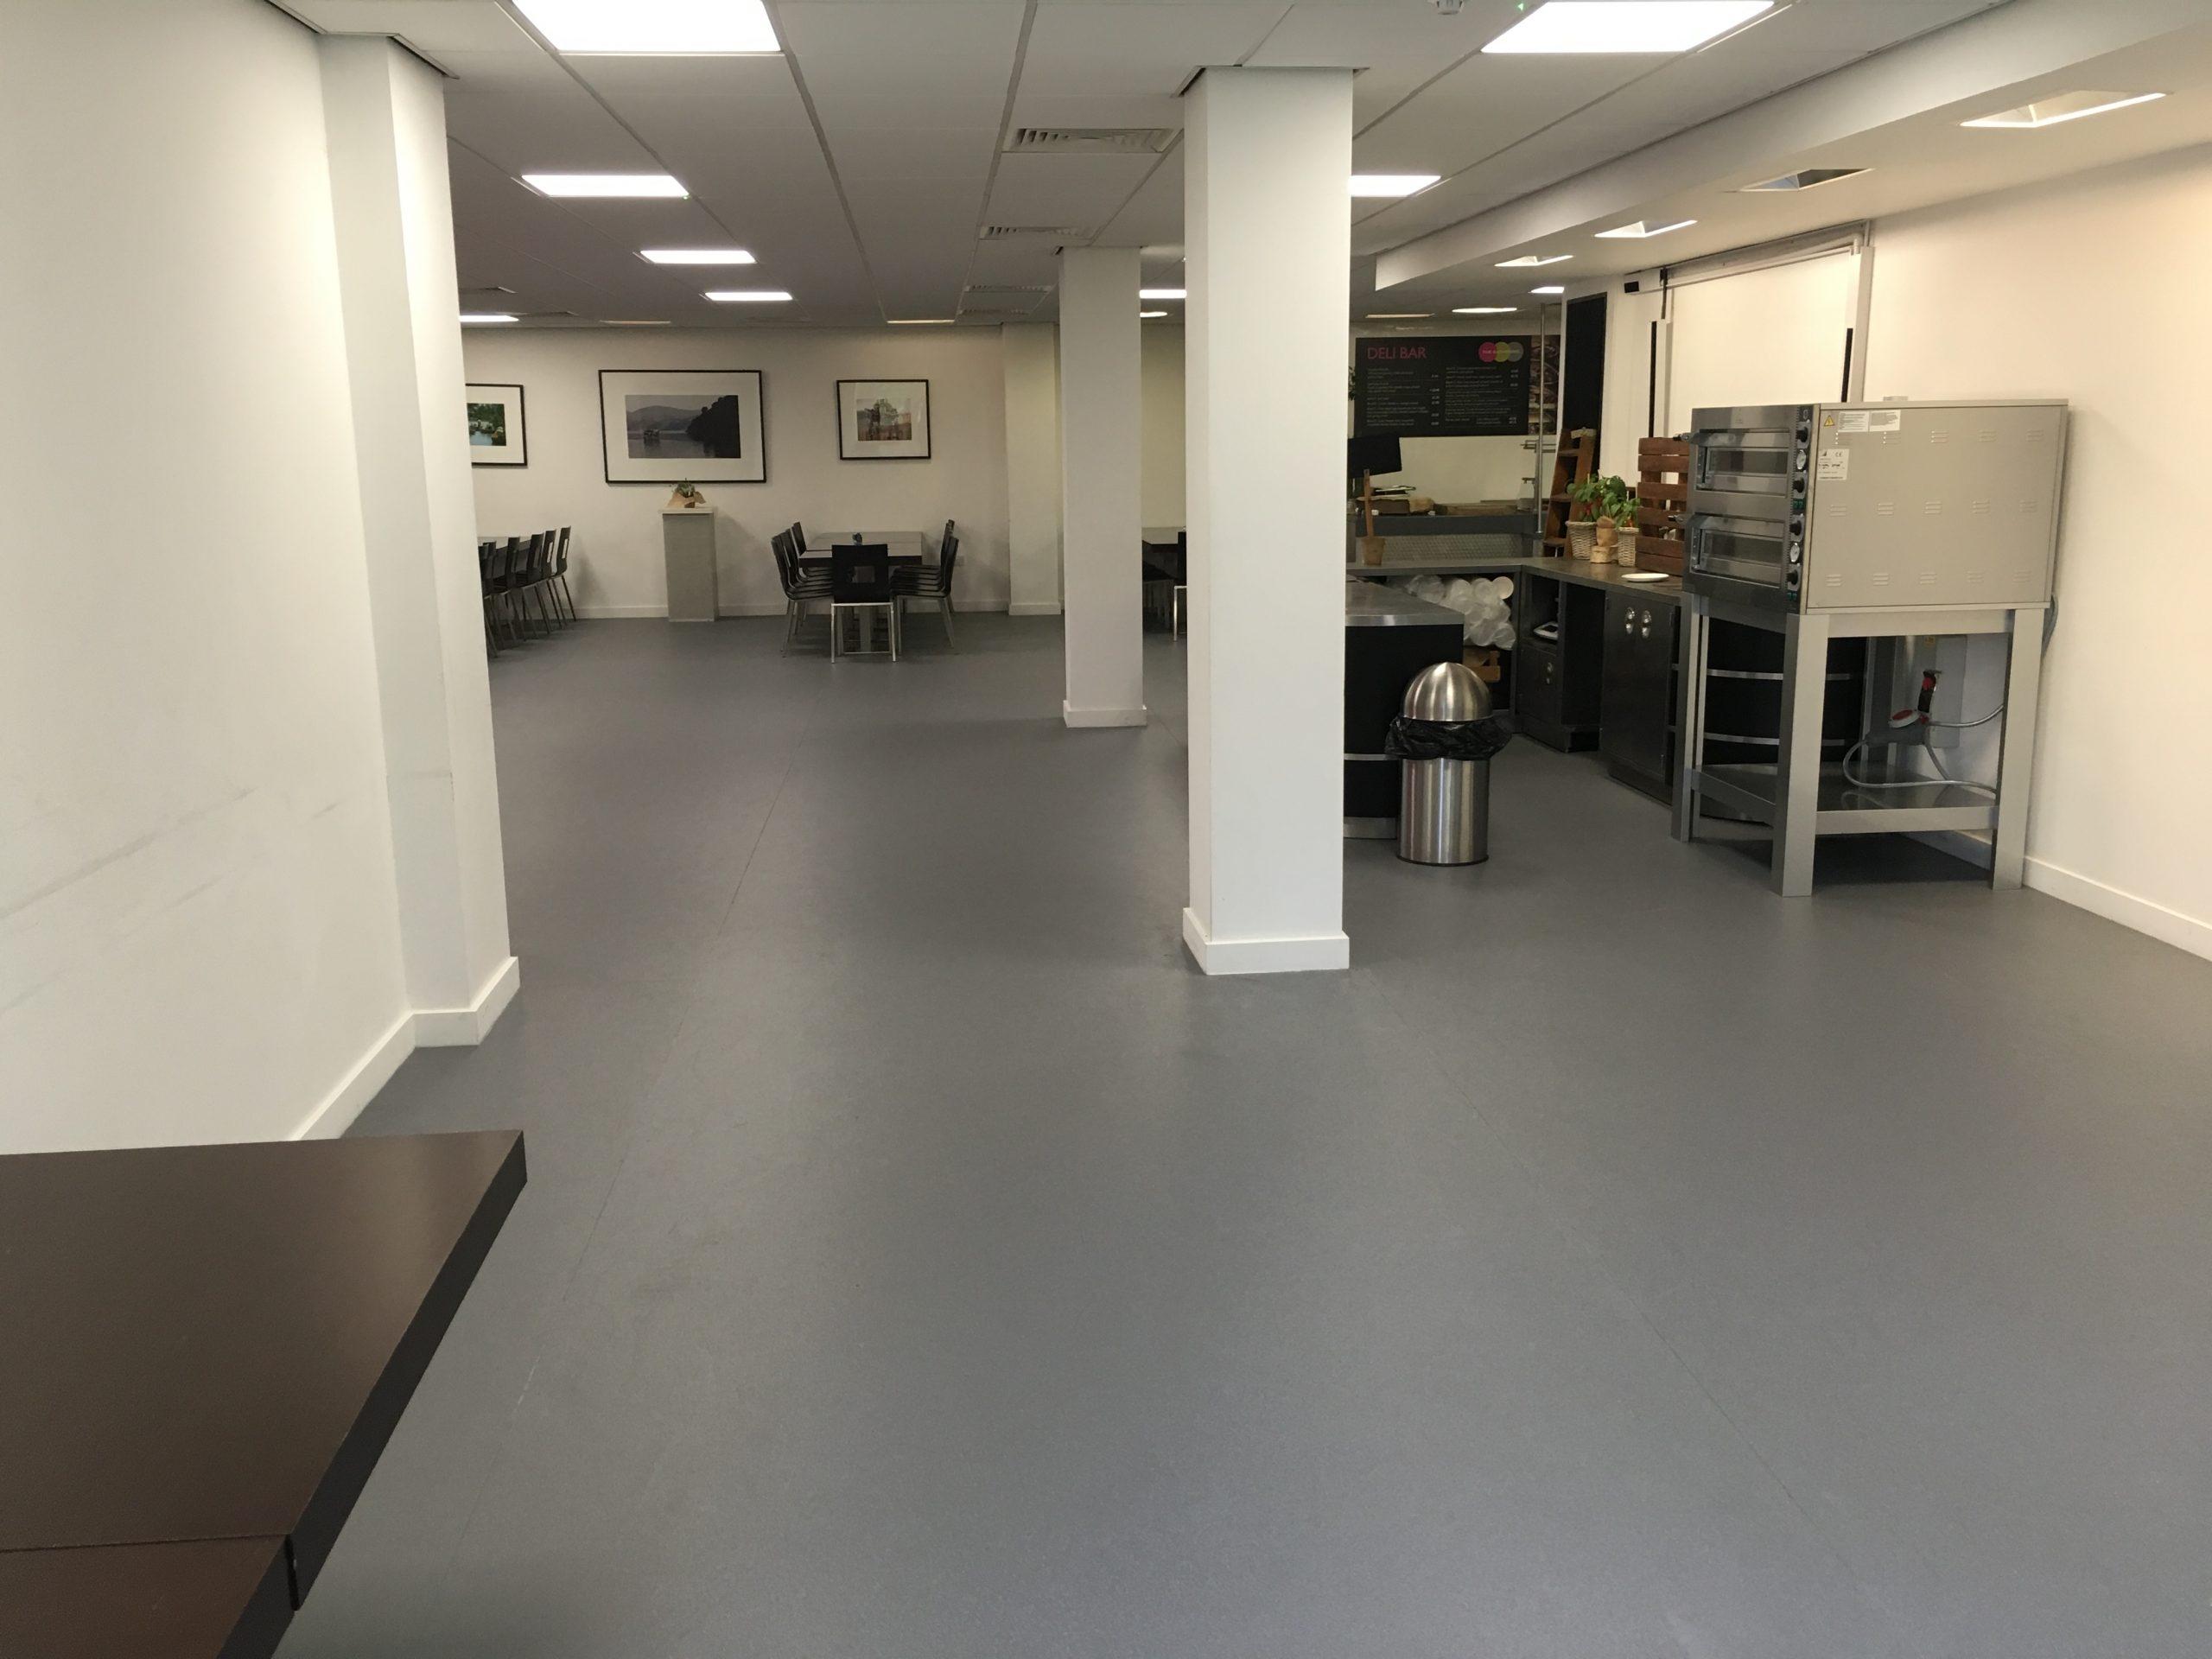 Commercial Flooring Install